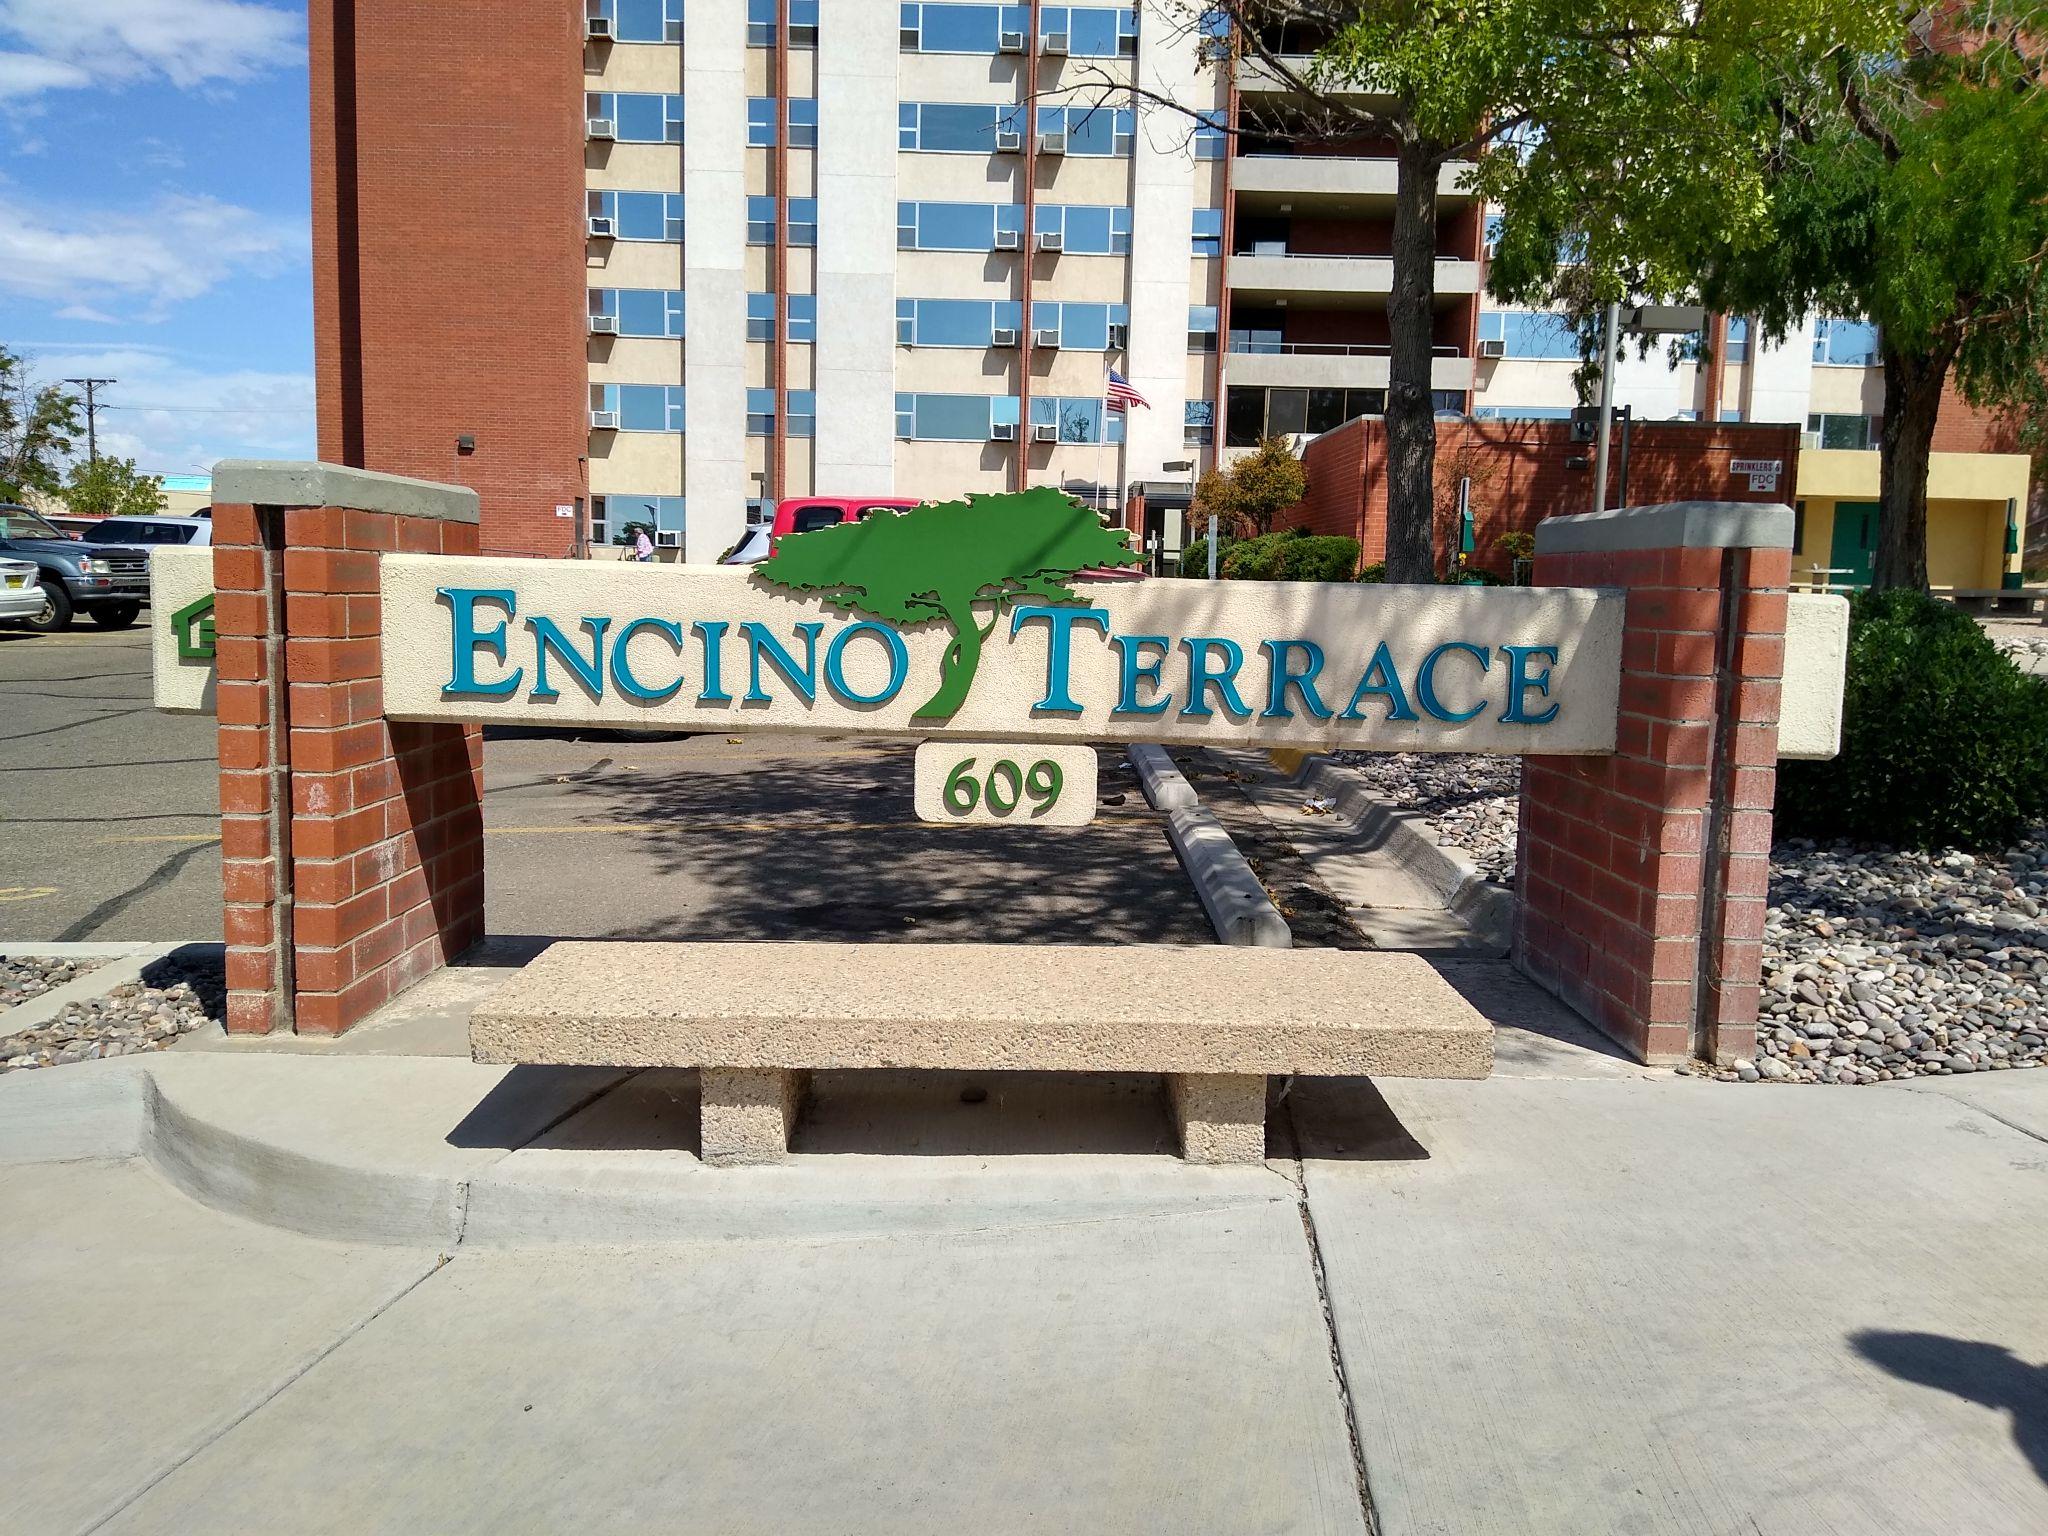 Encino Terrace